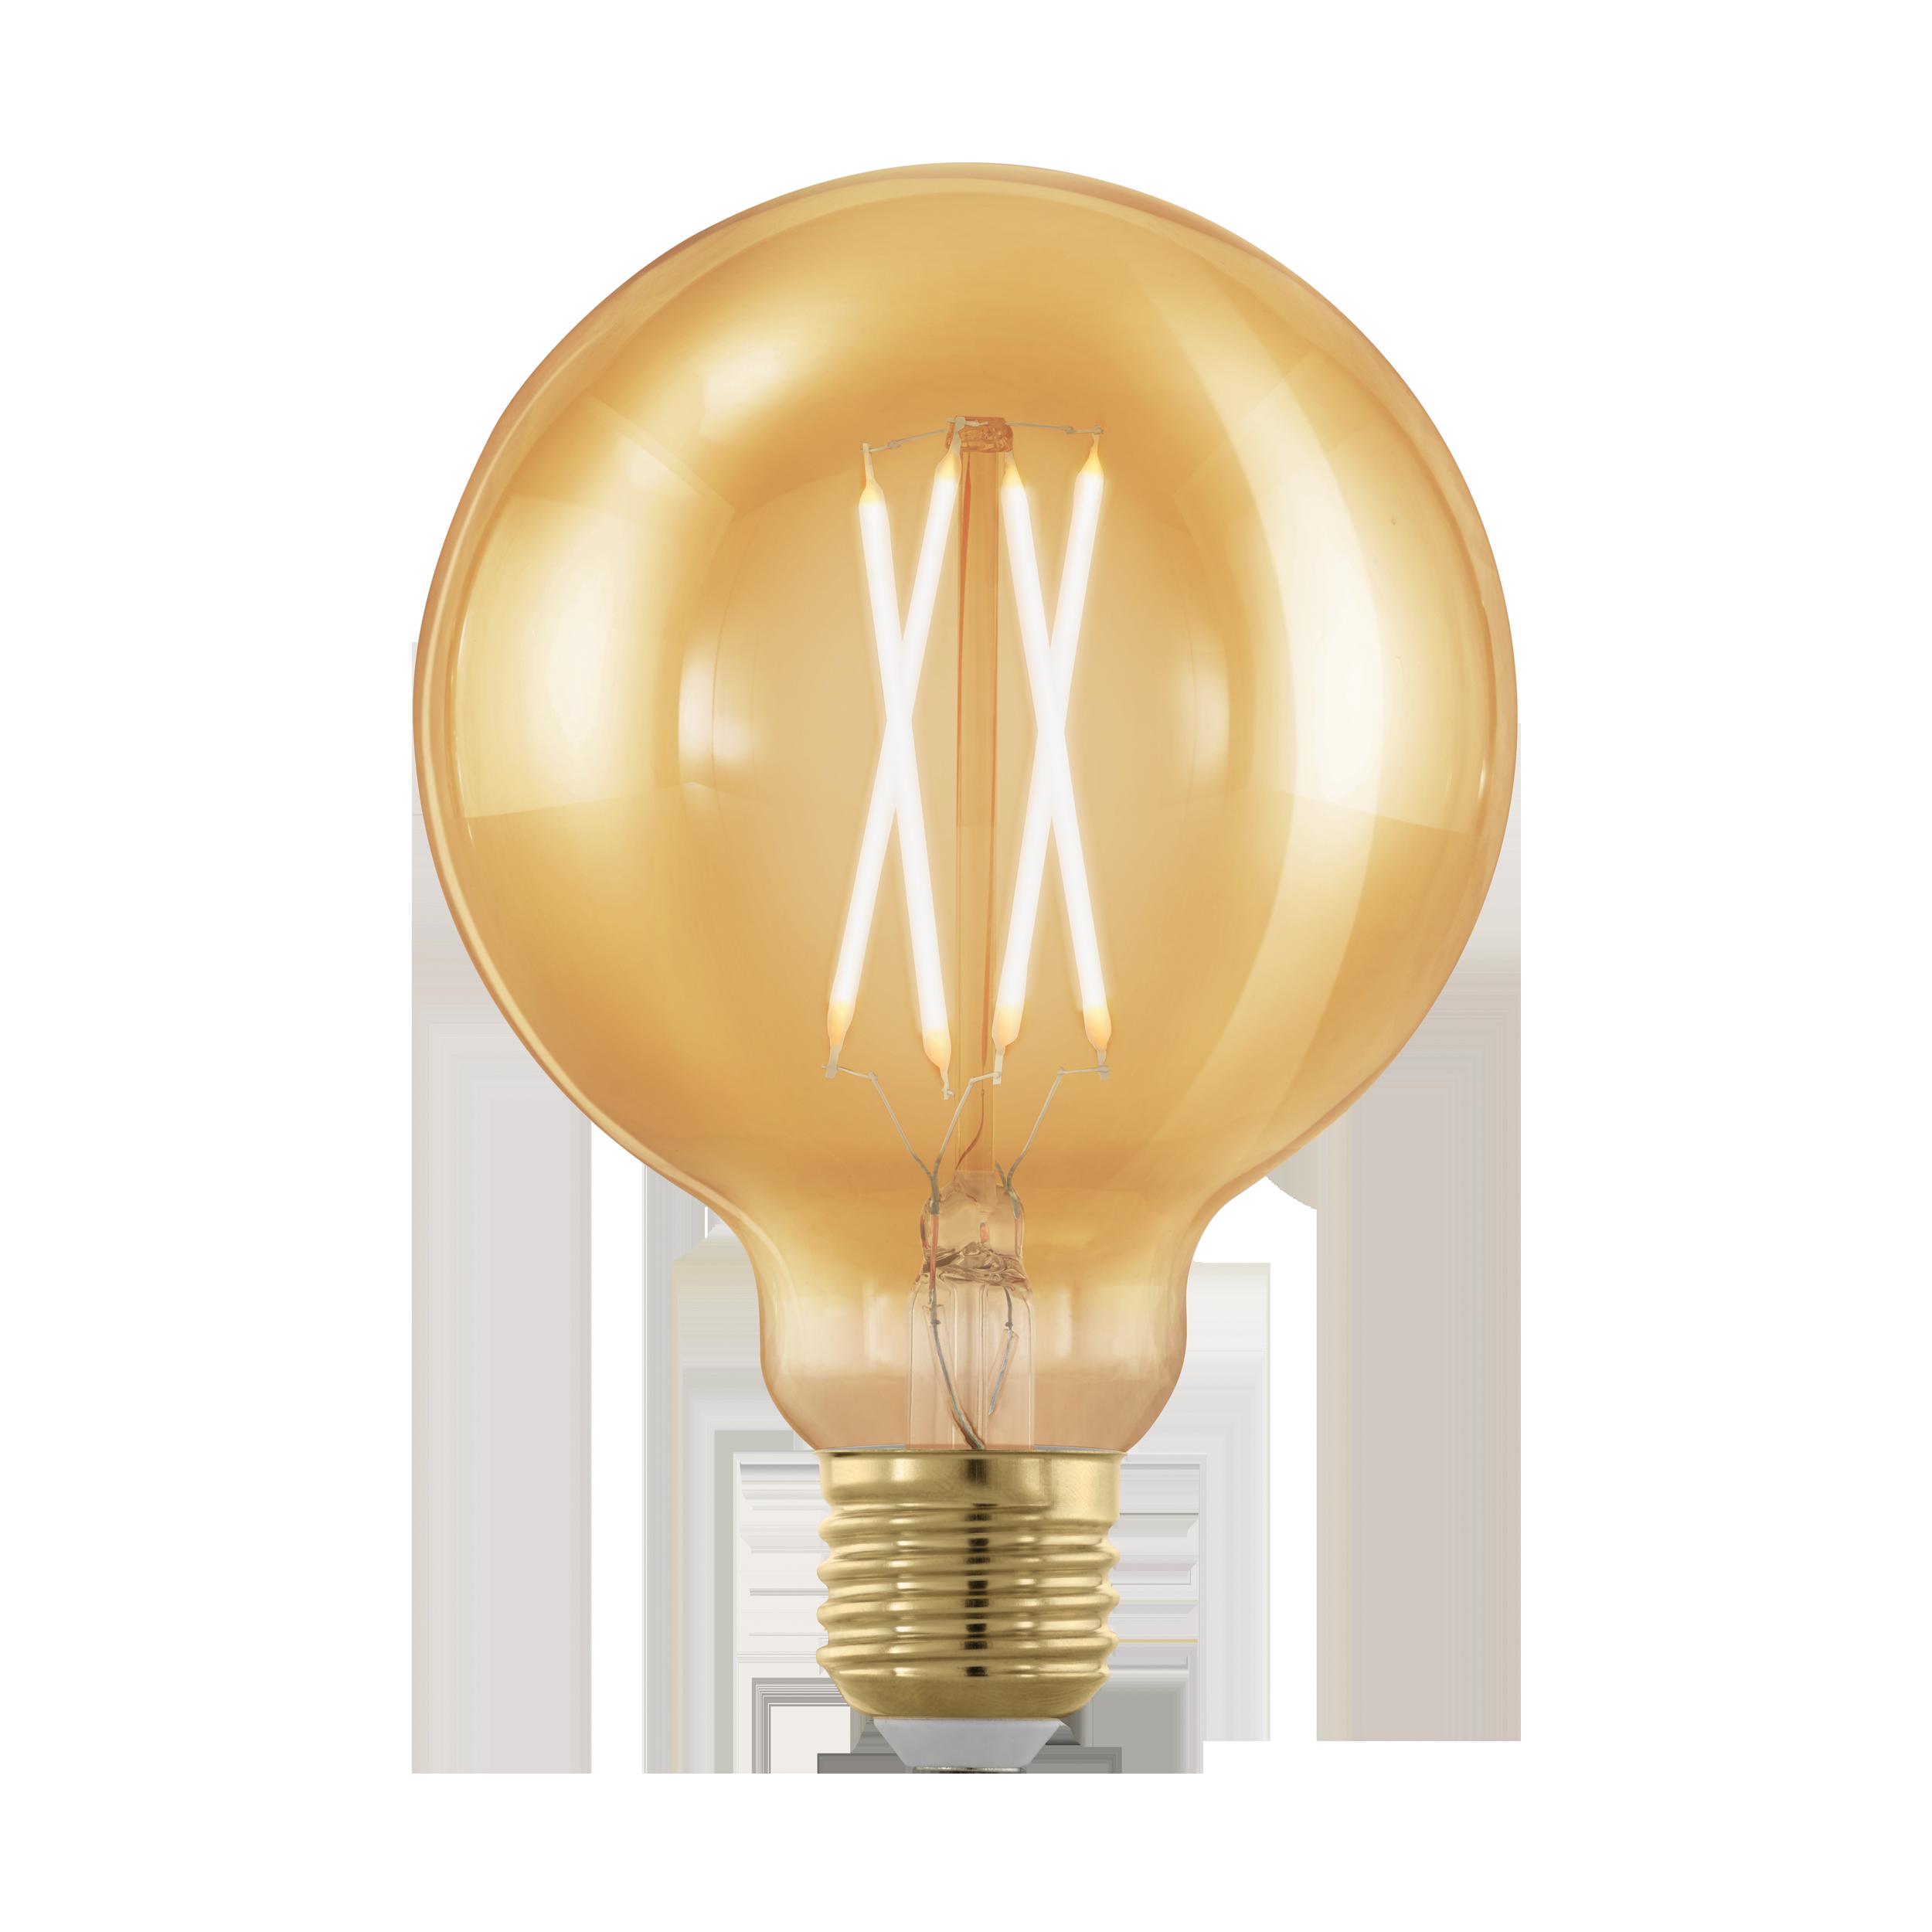 Филаментная светодиодная лампа Eglo 11693 E27 4W, диммируемая - фото 1